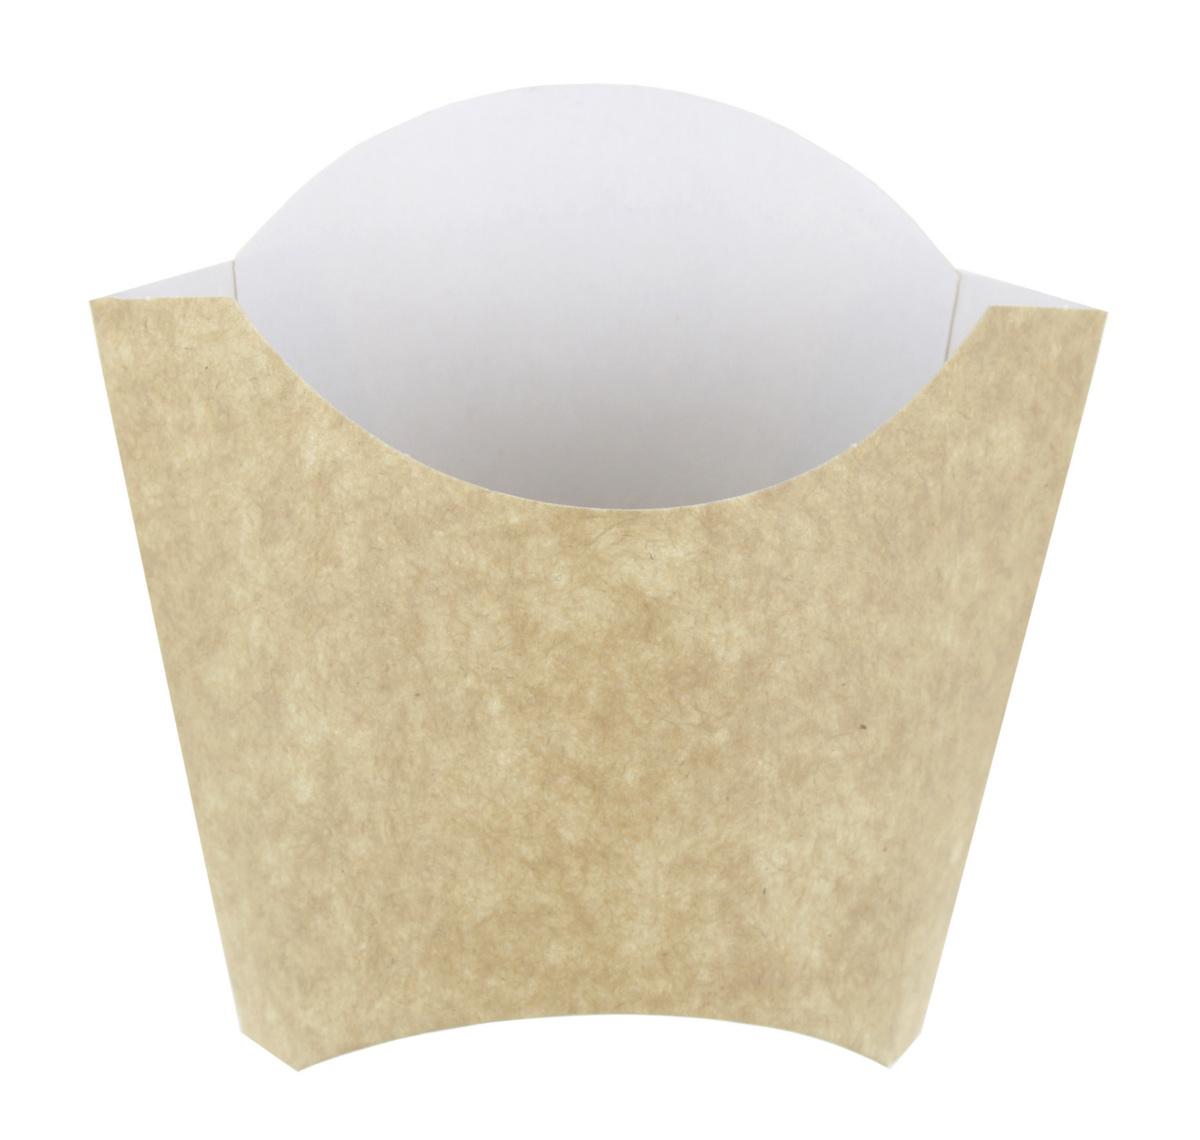 Pochette à frites beige Ø 12 cm 40 cl Huhtamaki (100 pièces)